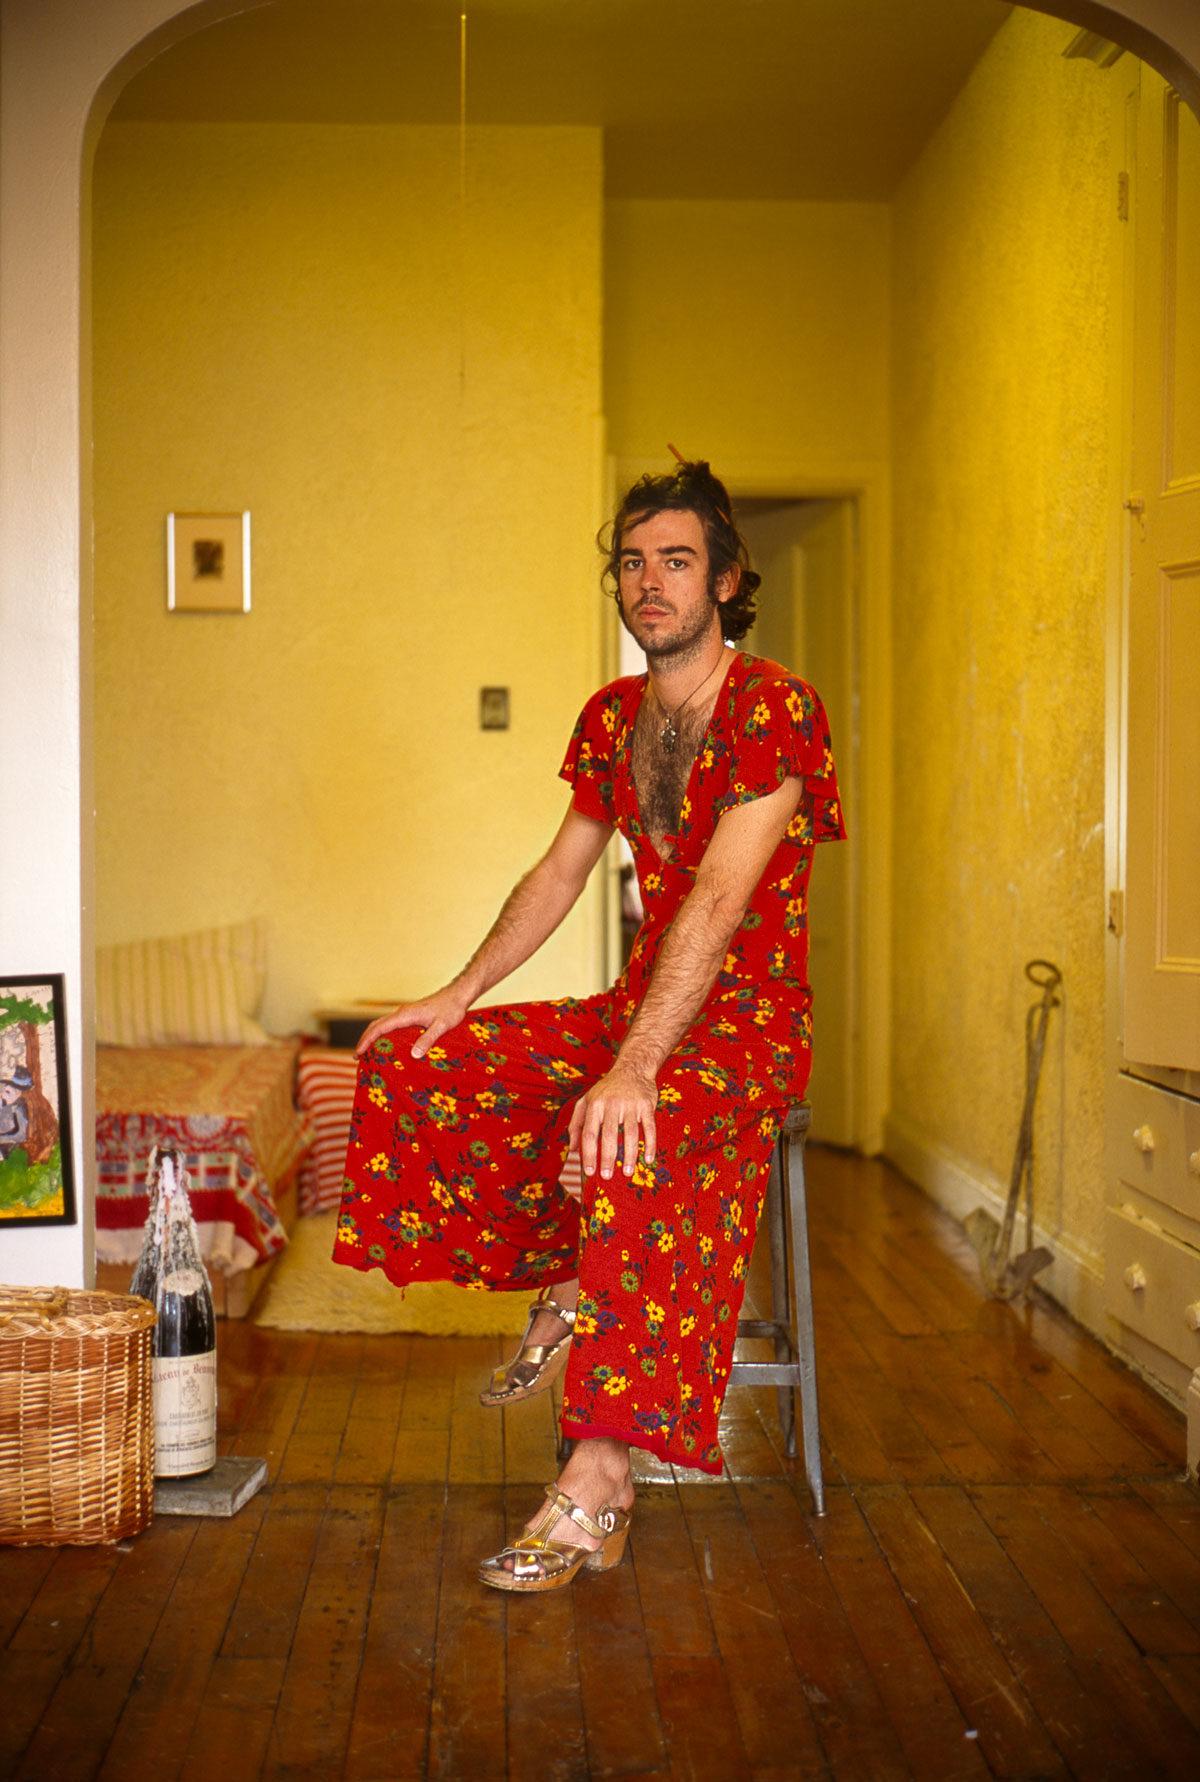 мужчина в женской платье